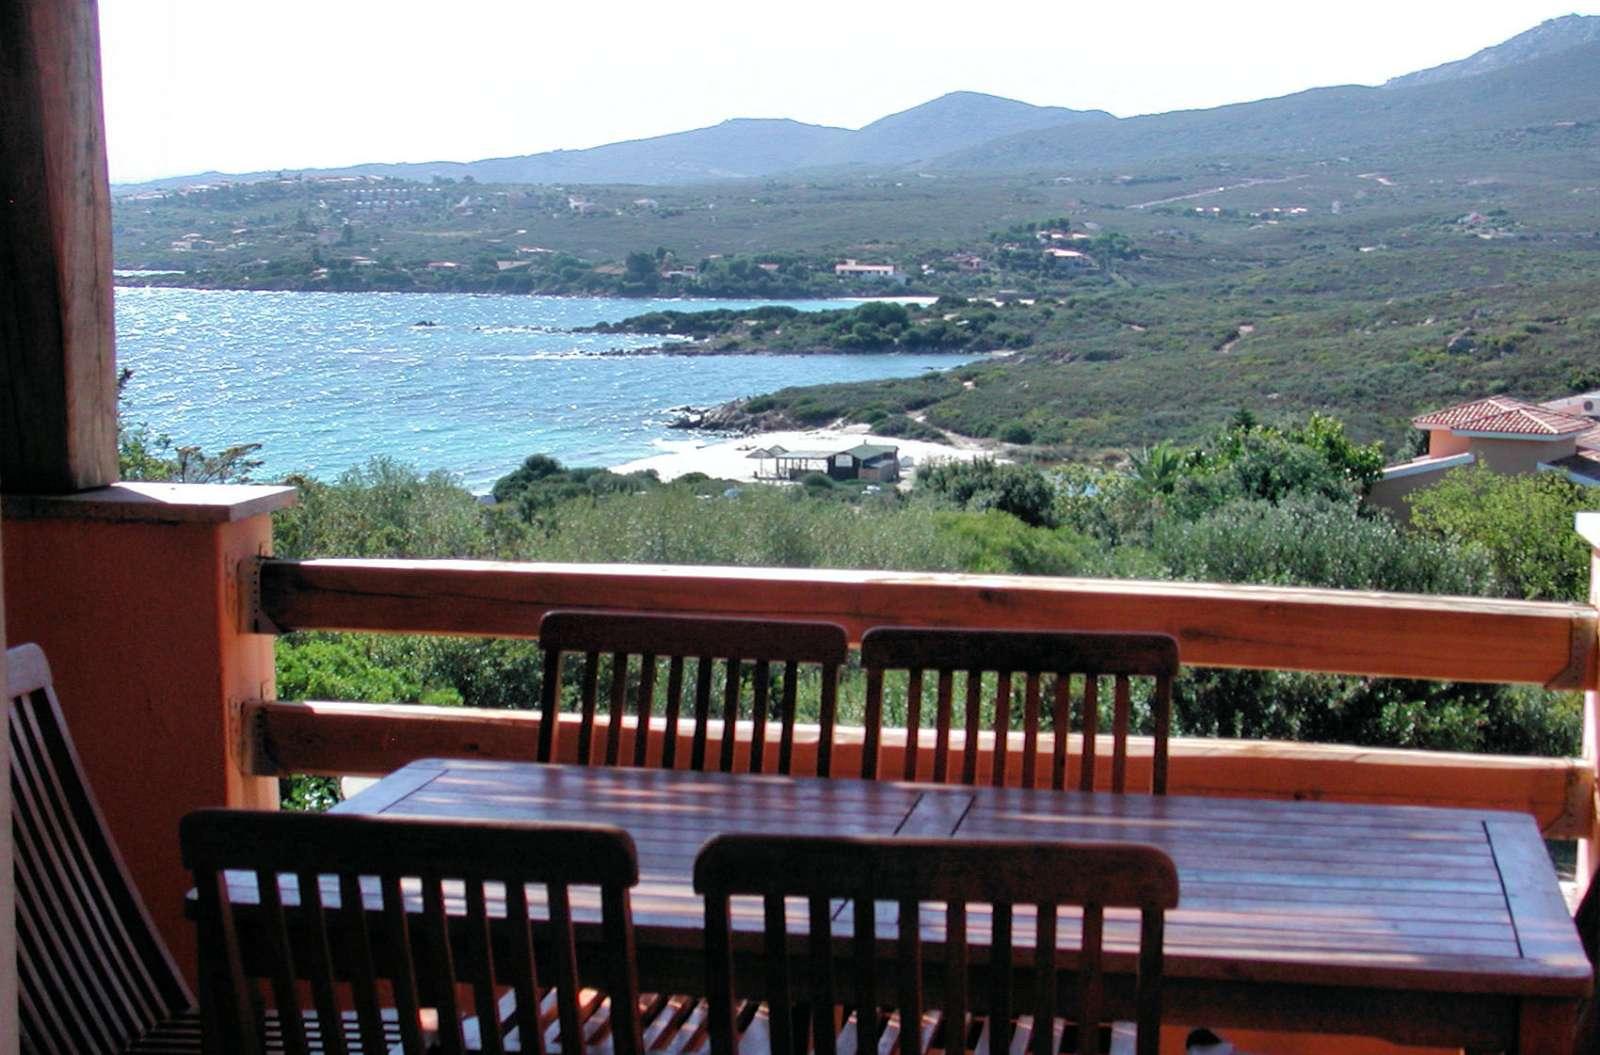 Udsigt fra terrassen på Residence Spiaggia Bianca